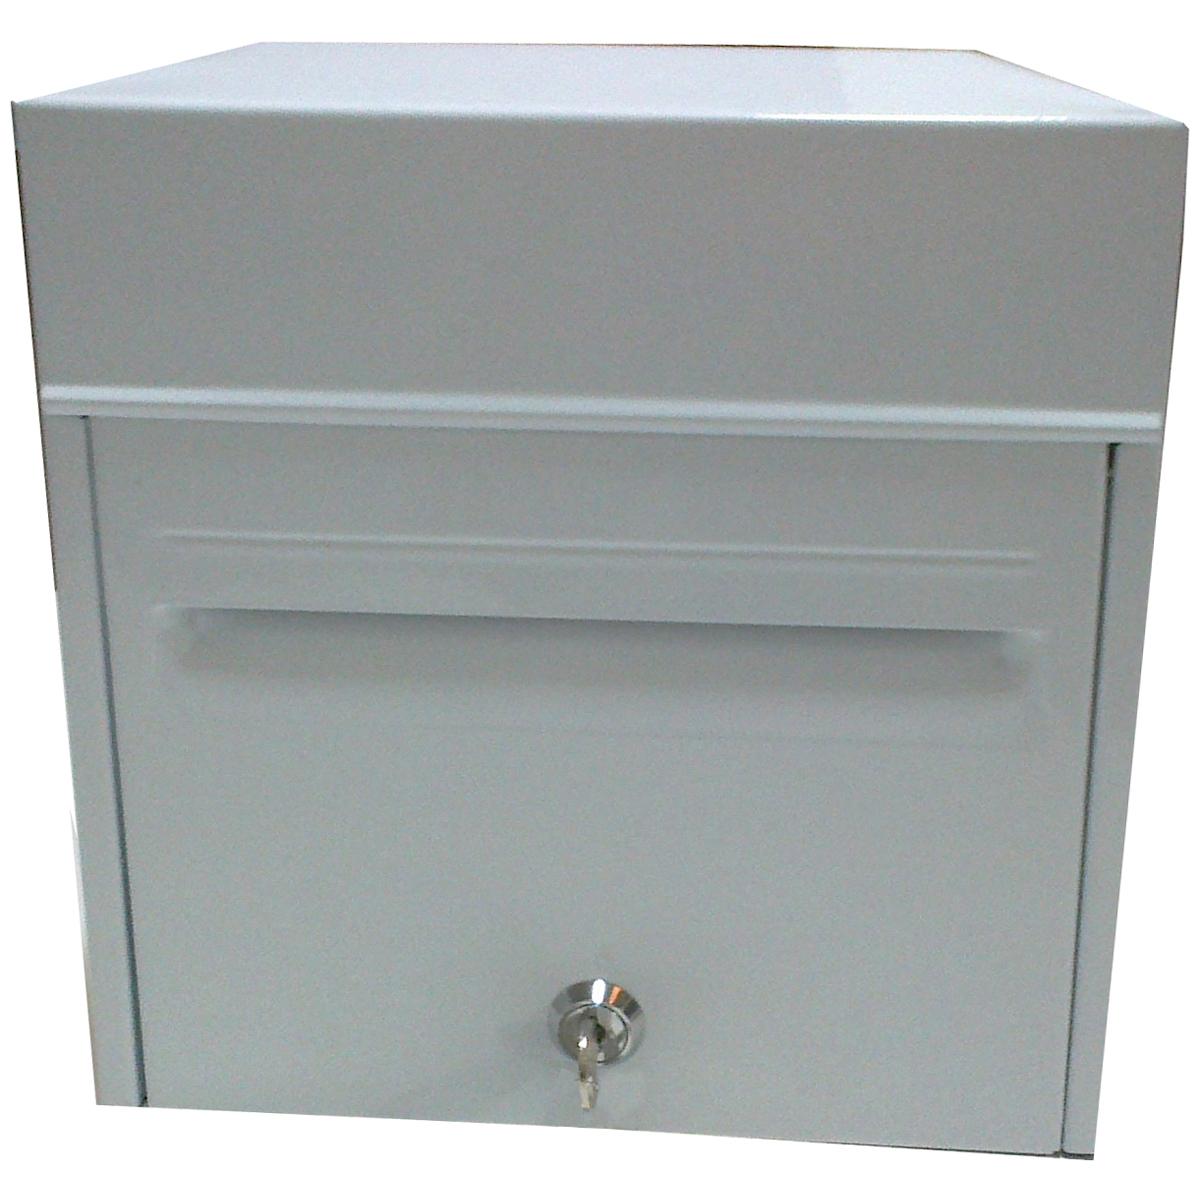 http://www.nilart.com.br/galeria/caixa-de-correio-entrada-e-saida-frontal-com-chave-850.136-p.jpg